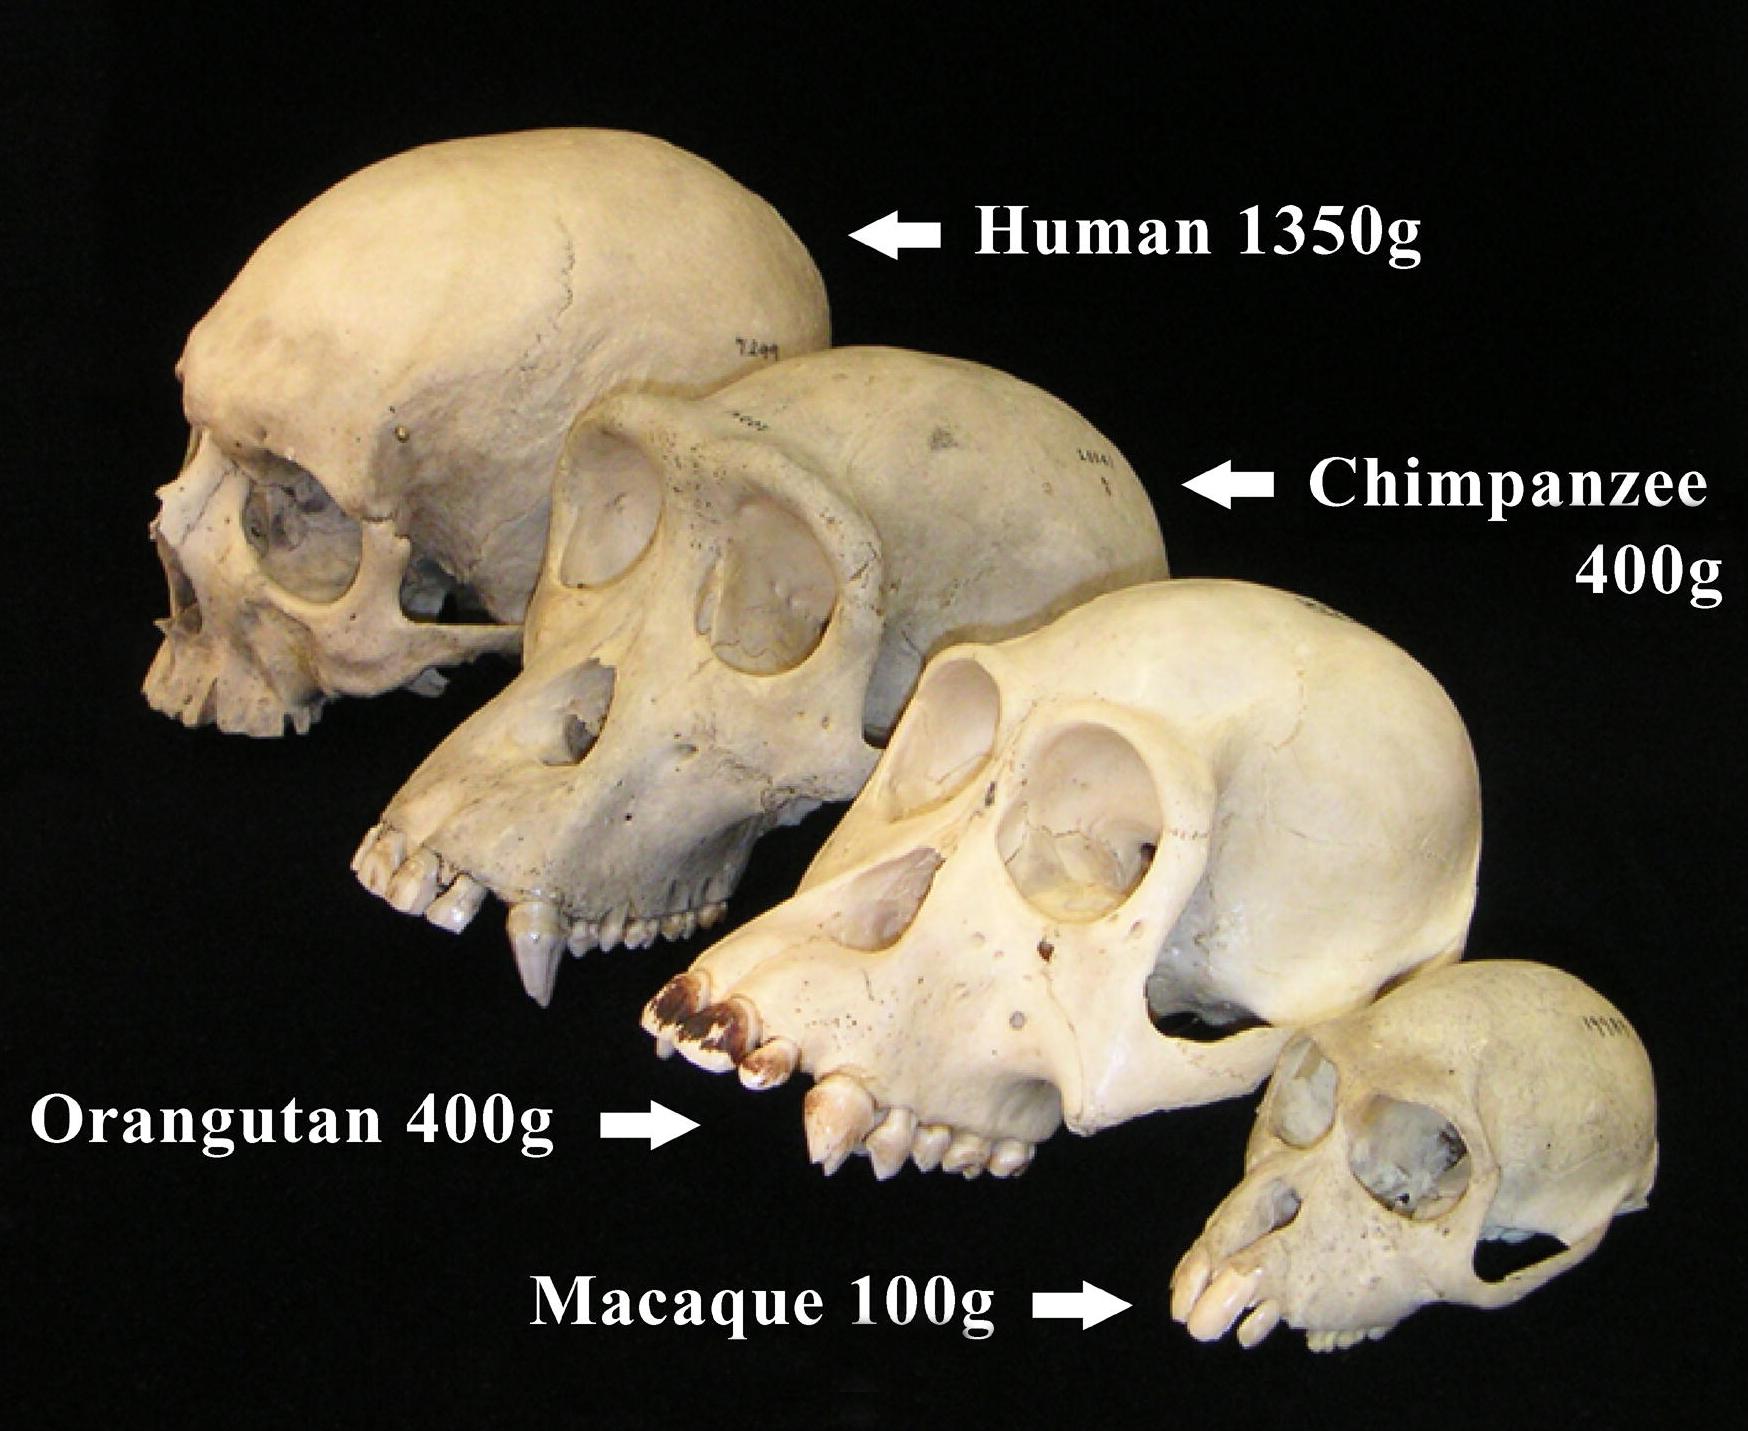 Primate crania with brain masses indicated